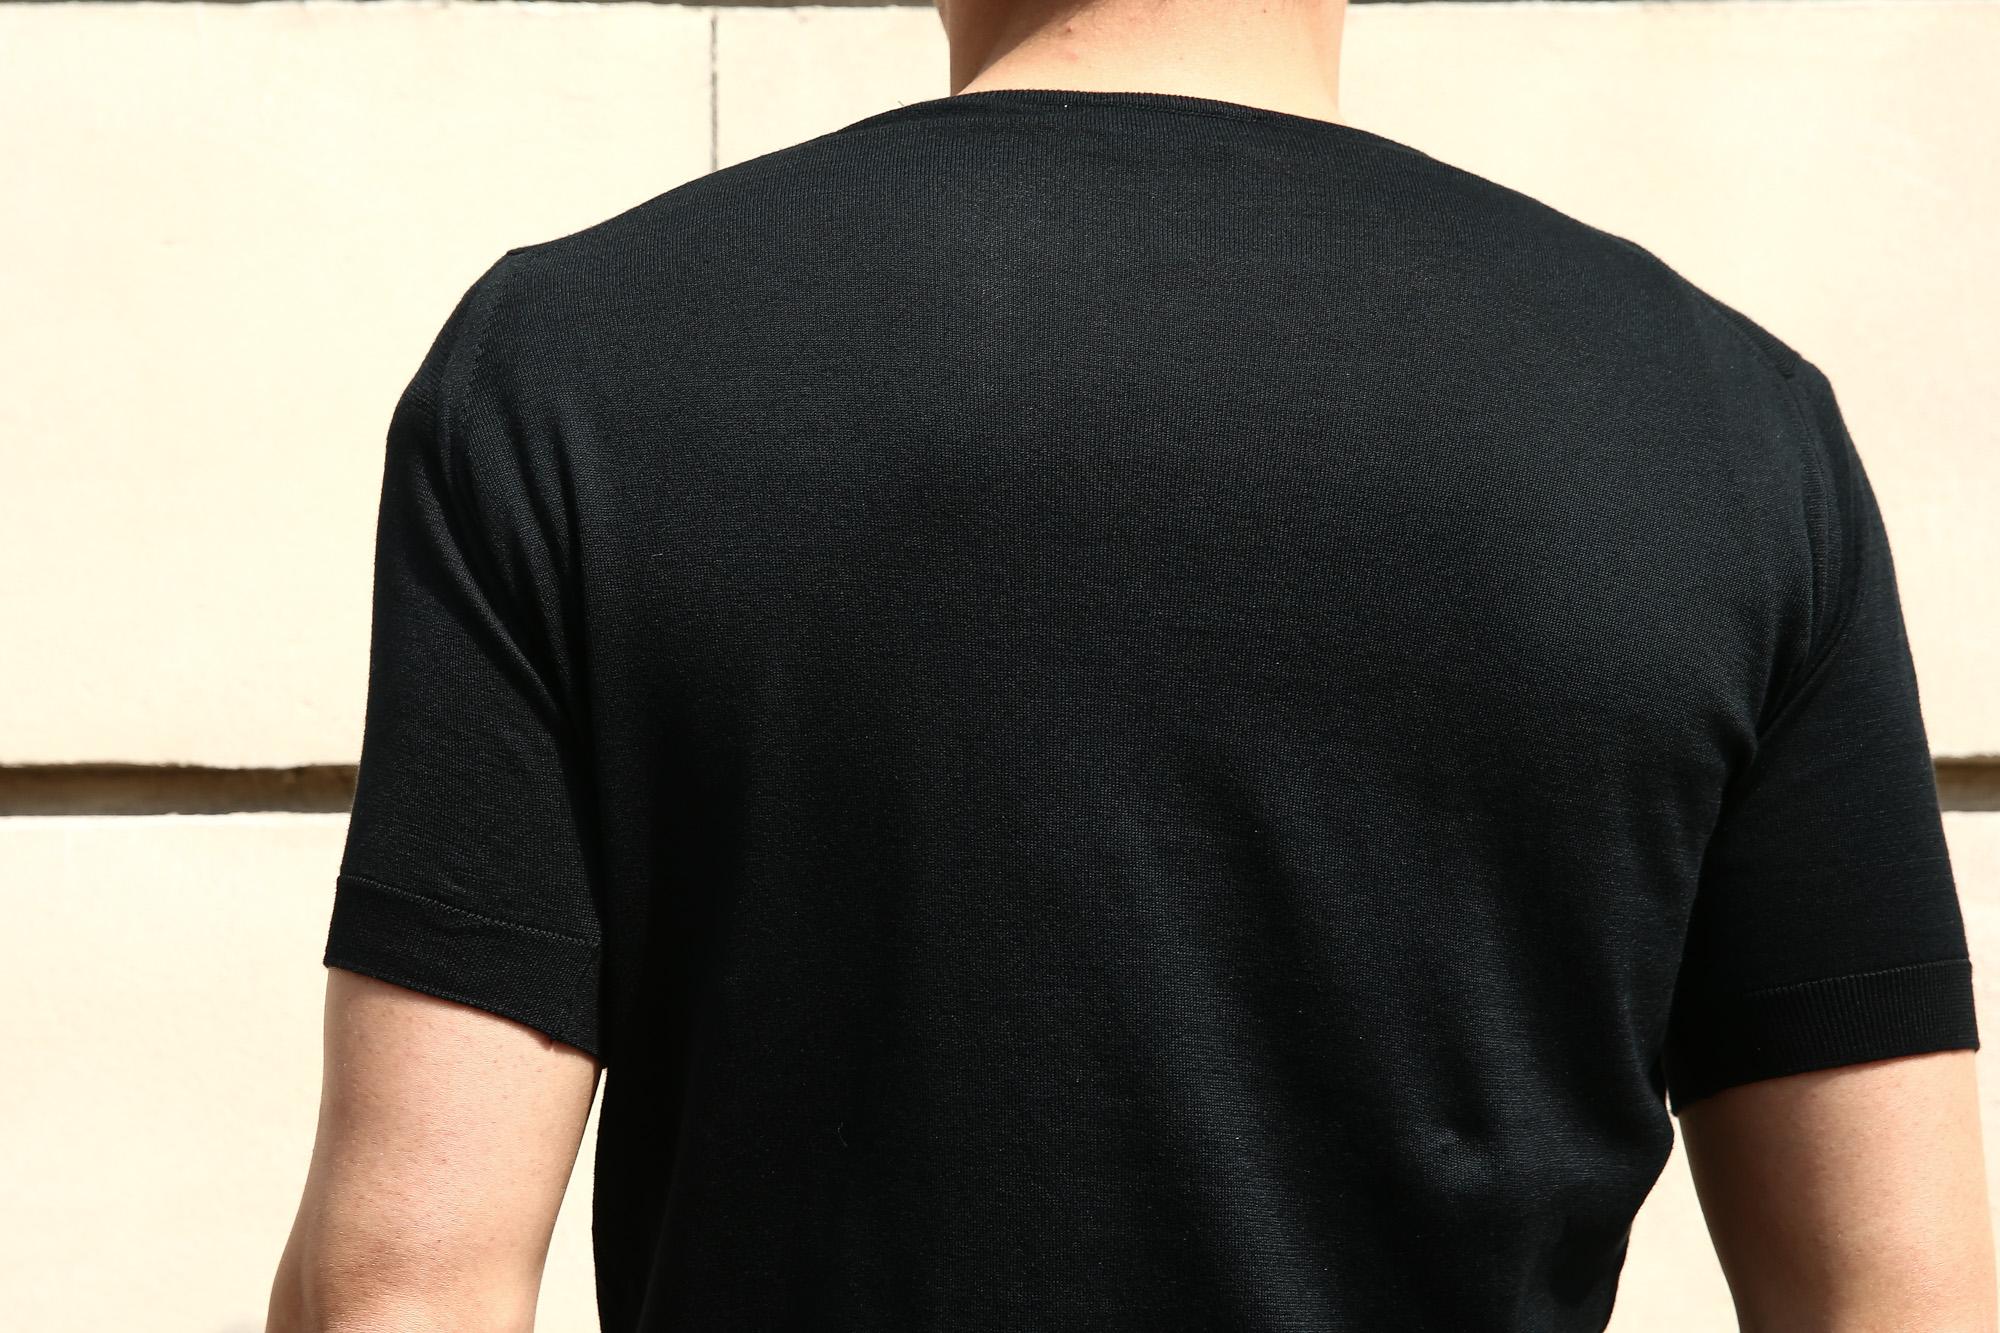 JOHN SMEDLEY (ジョンスメドレー) BELDEN (ベルデン) SEA ISLAND COTTON (シーアイランドコットン) ショートスリーブ コットンニット Tシャツ BLACK (ブラック) Made in England (イギリス製) 2018 春夏新作 johnsmedley スメドレー 愛知 名古屋 Alto e Diritto アルト エ デリット ニットTEE